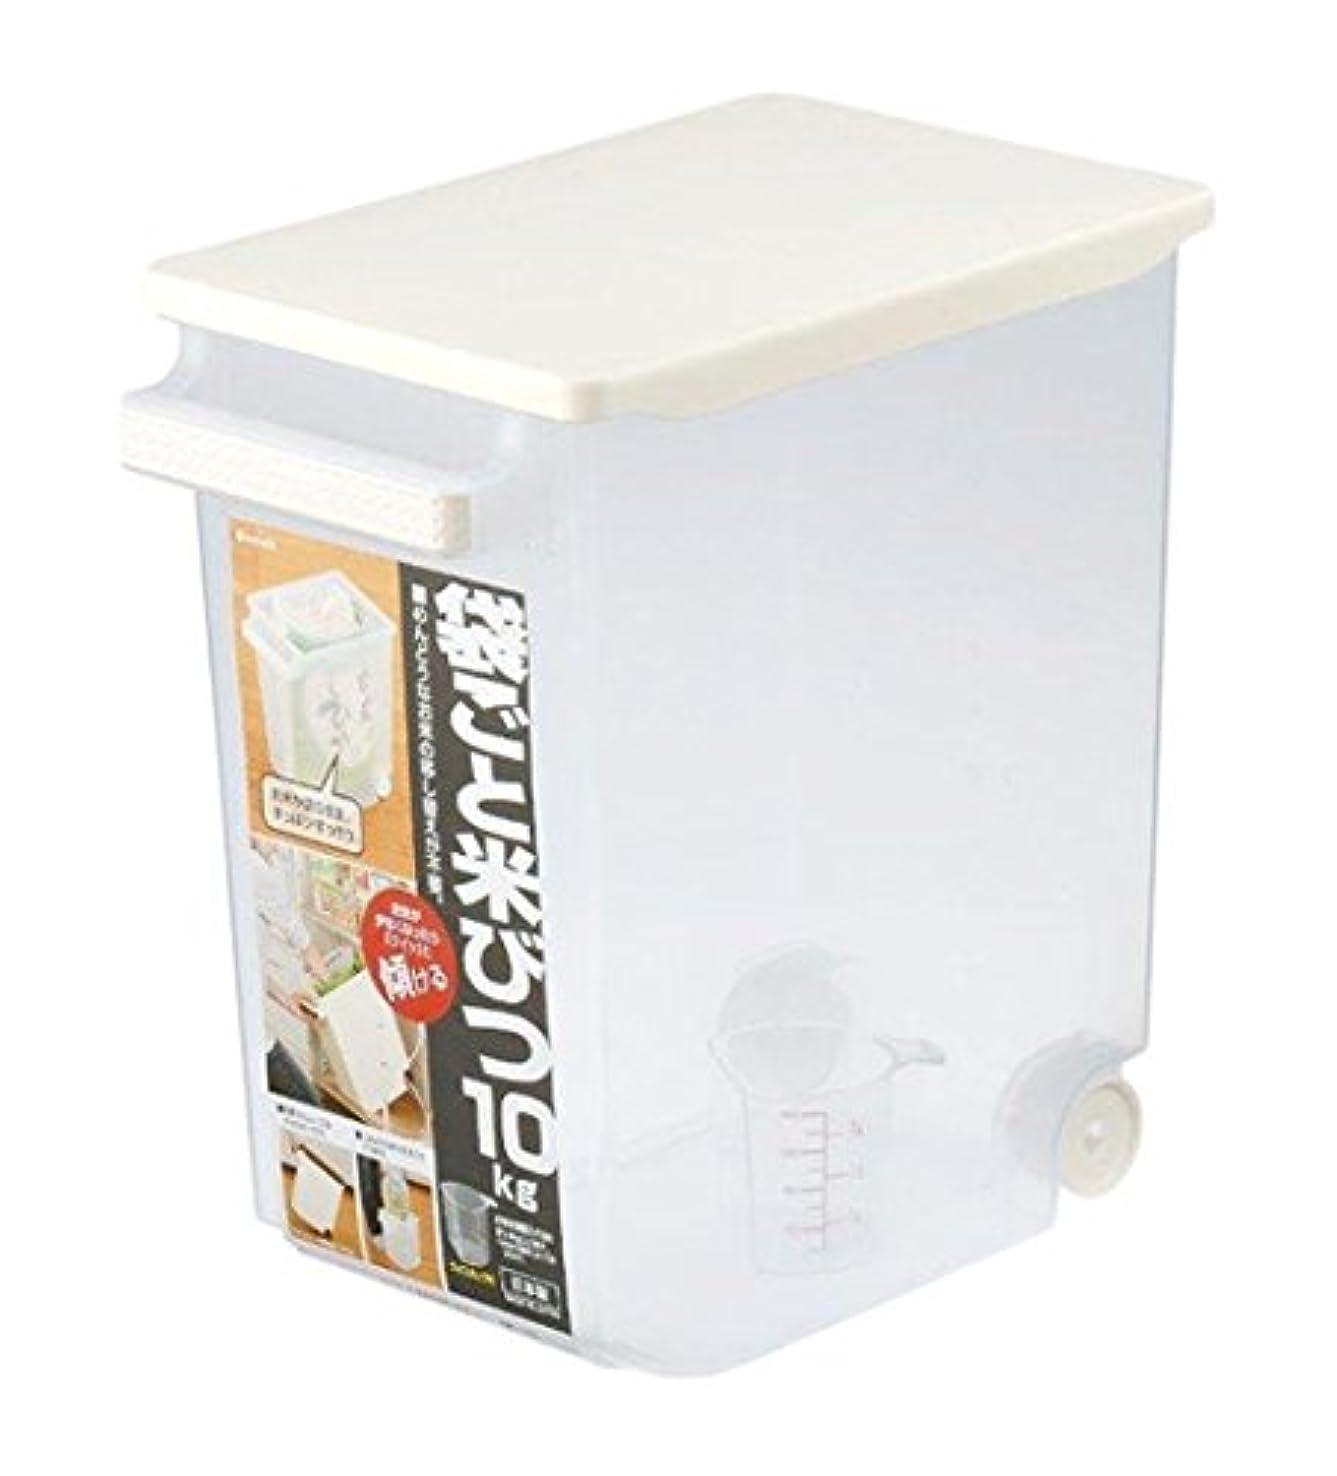 嘆願ブランド名レタッチイノマタ化学 米びつ 袋ごと米びつ 計量カップ付き 10Kg